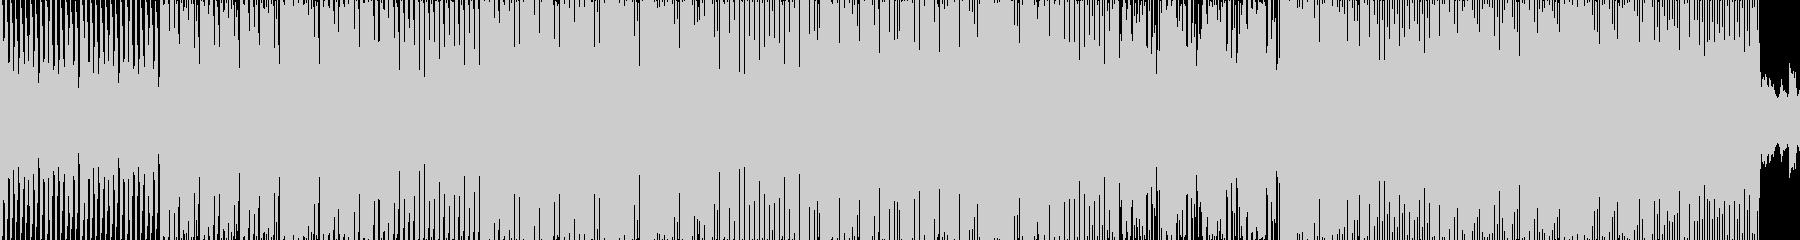 エレクトロニック アクション 感情...の未再生の波形